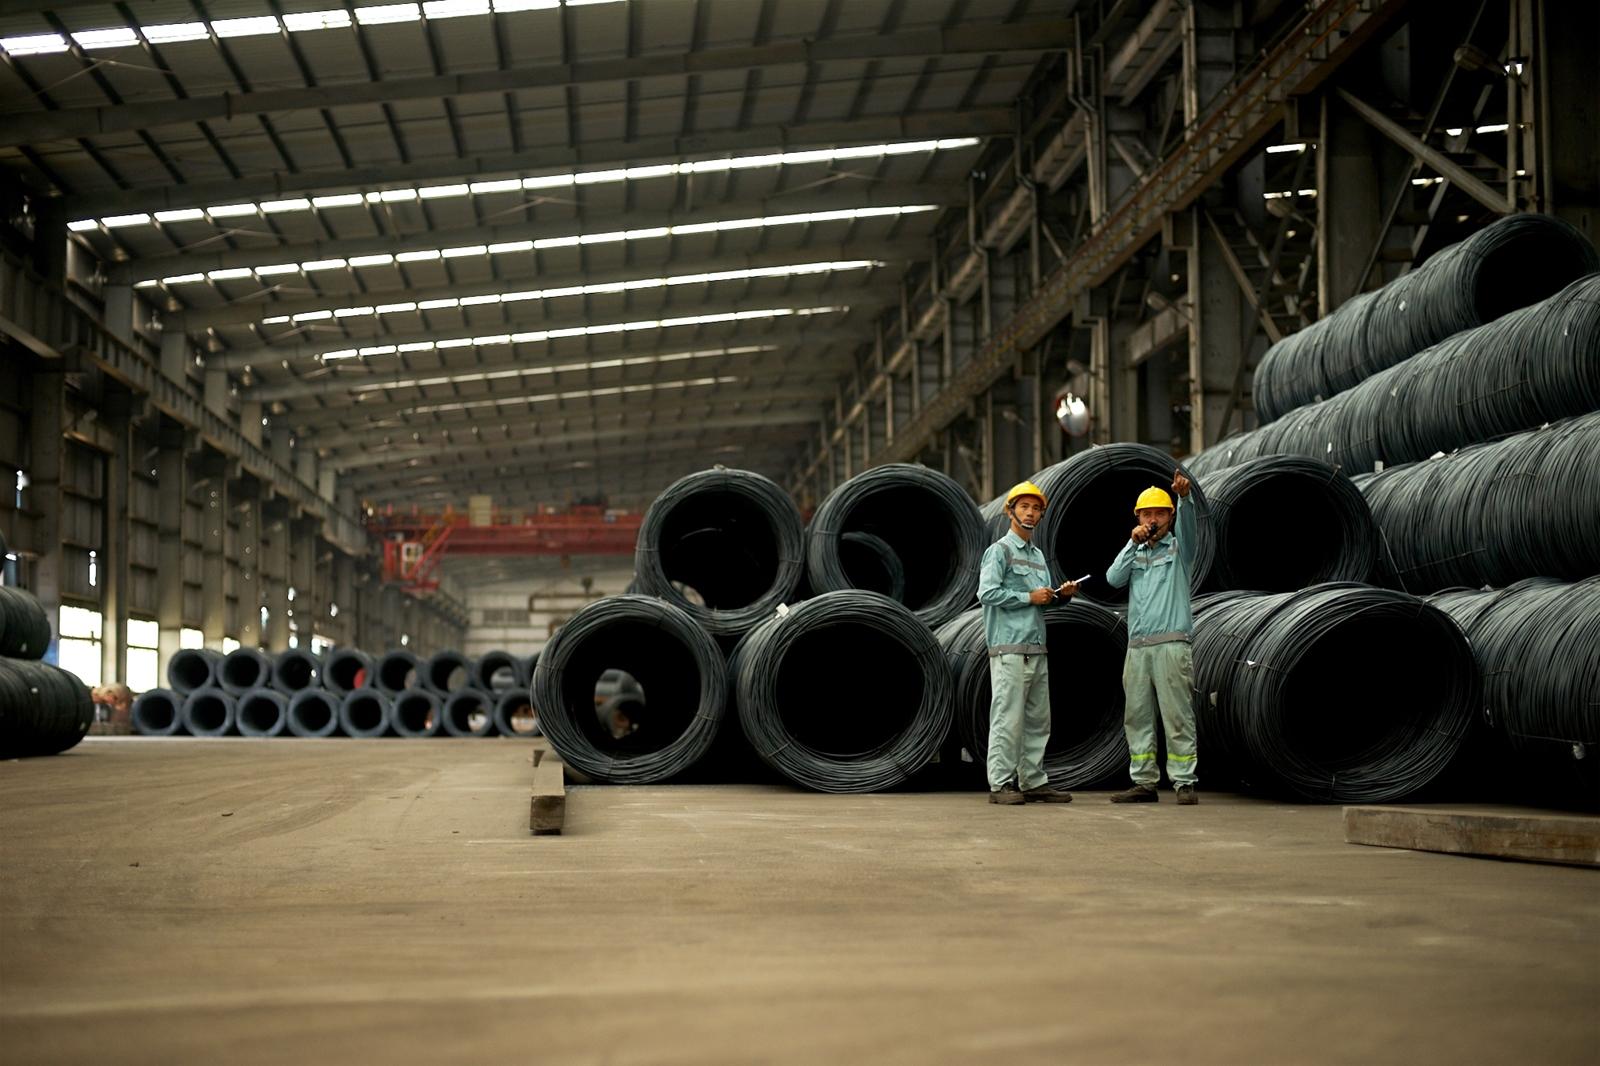 Sản lượng xuất khẩu thép xây dựng Hòa Phát tăng mạnh trong tháng 2